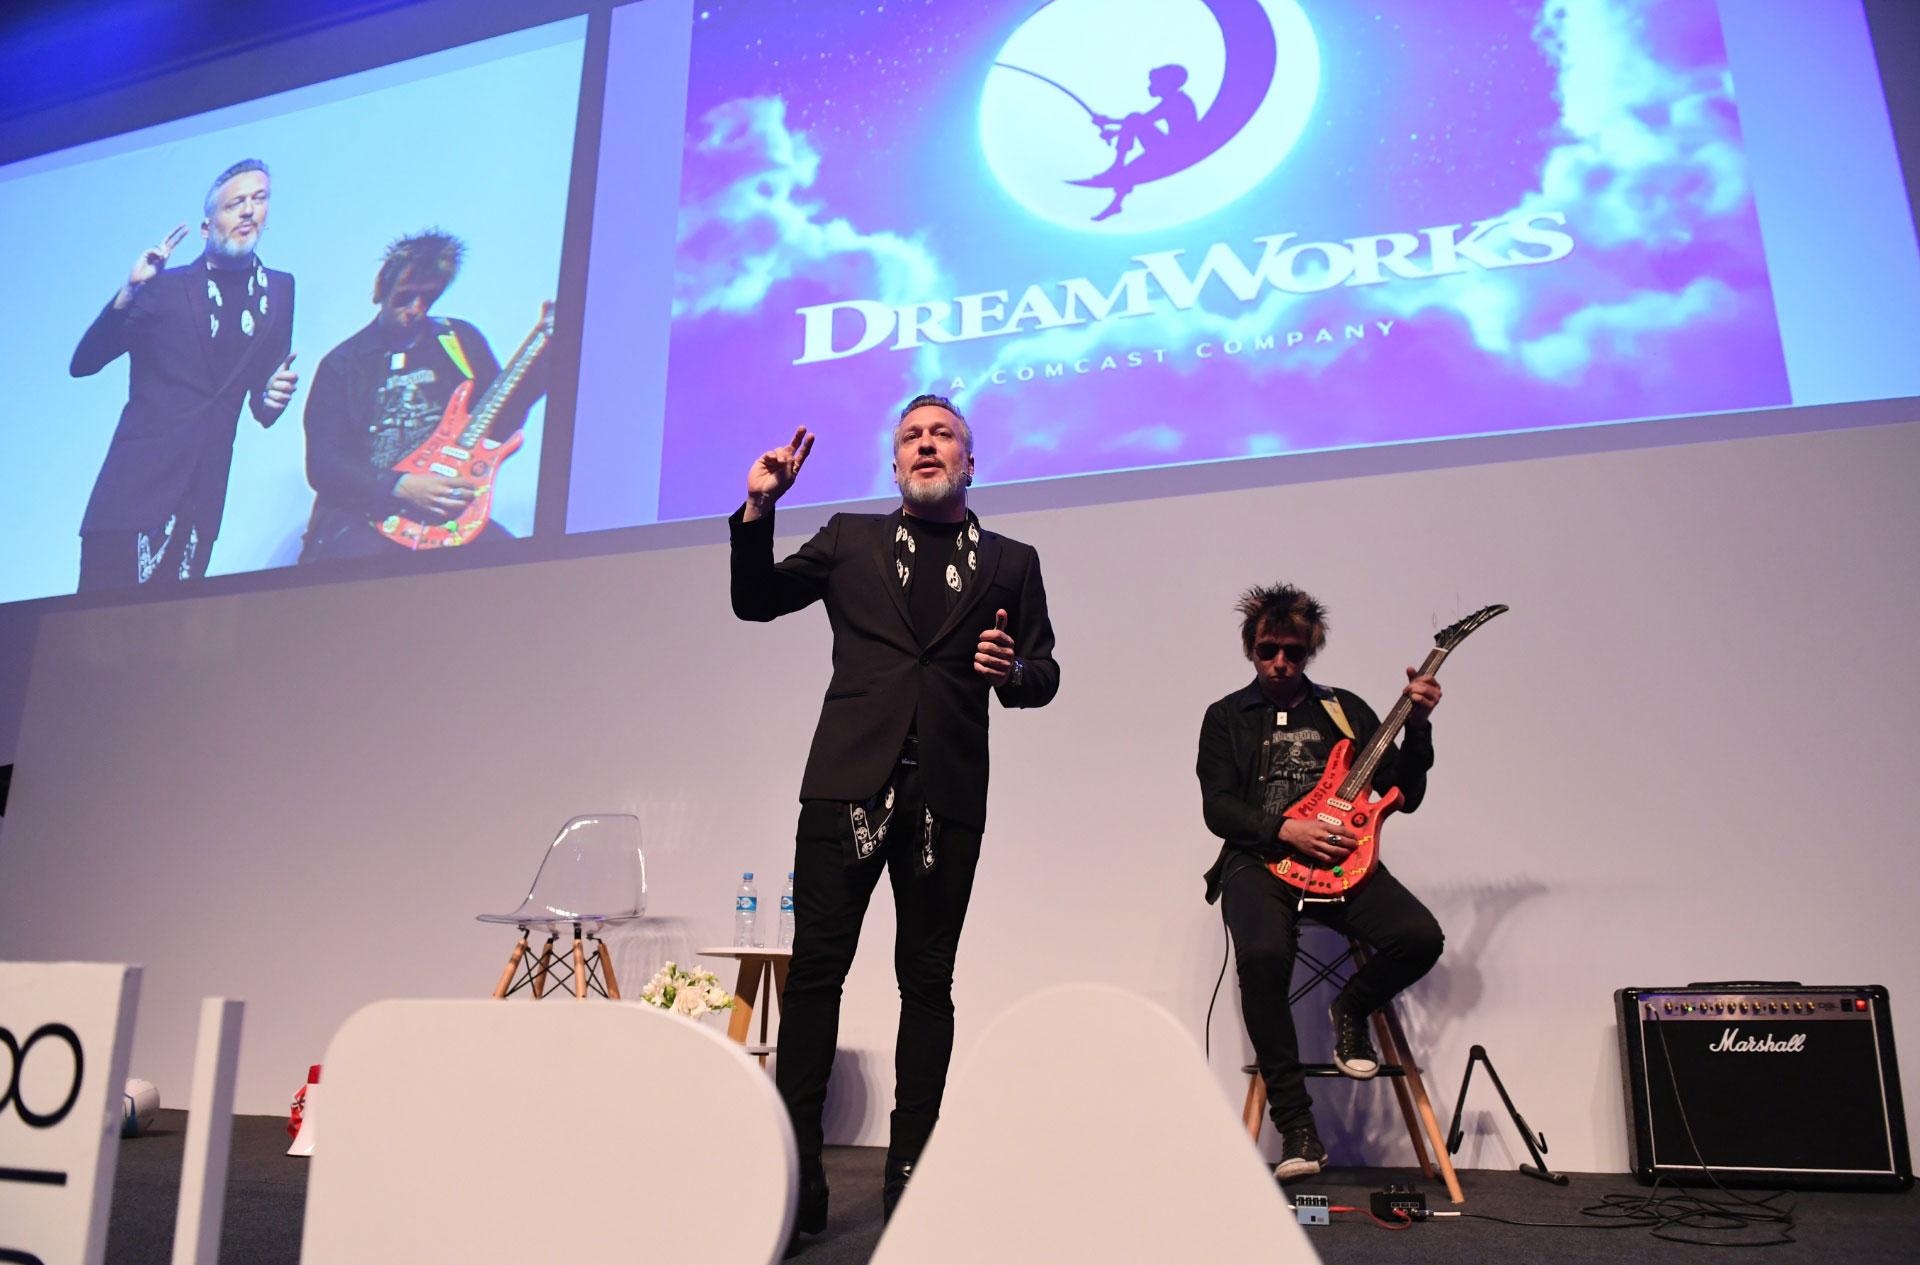 """Diego Kolancowsky a la audiencia FIAP: """"Comprométanse con lo que desean, los sueños funcionan pero tienen que estar atentos, porque la vida es muy corta para esperar"""""""